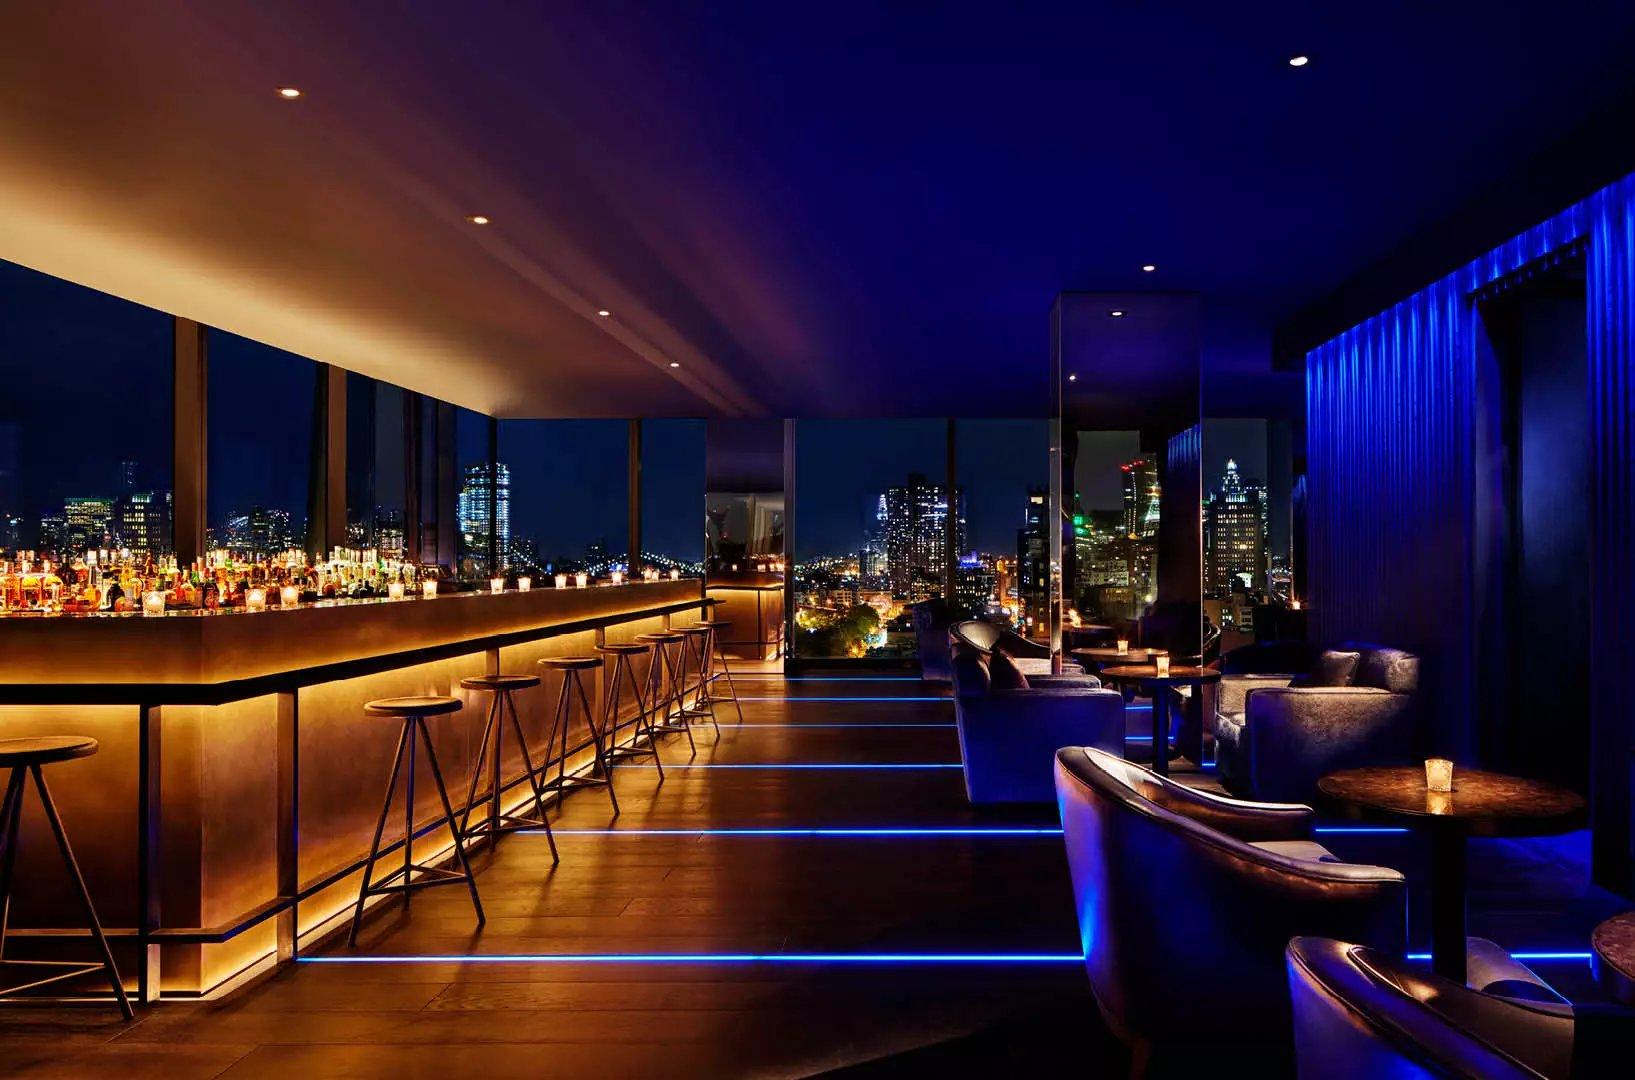 Das wohl angesagteste Hotel in SoHo, NYC: Das Public Hotel von Studio 54-Gründer Ian Schrager 15